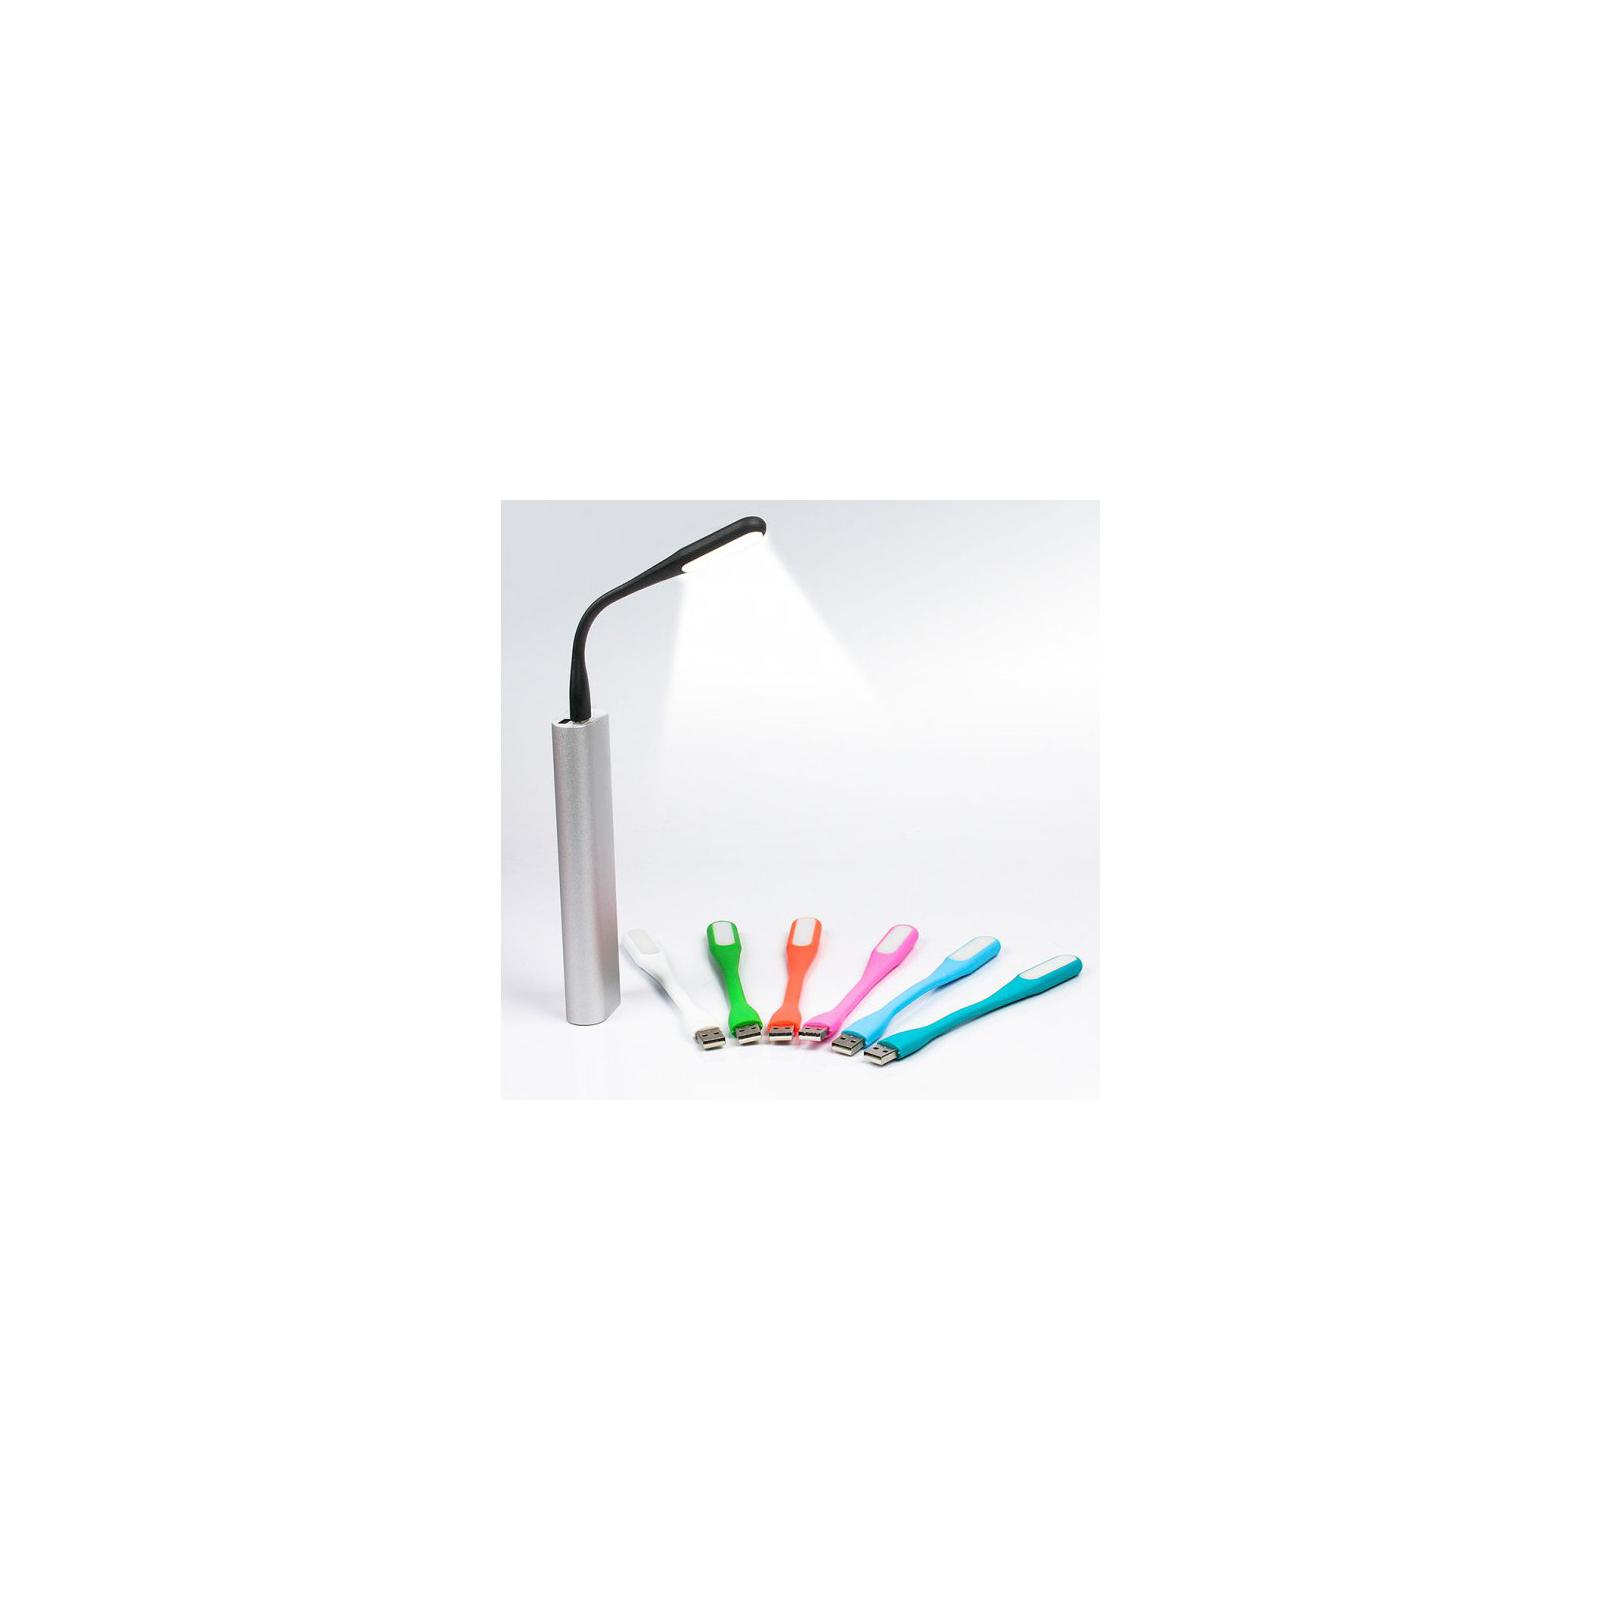 Лампа GEMBIRD USB (NL-01-CY) изображение 3